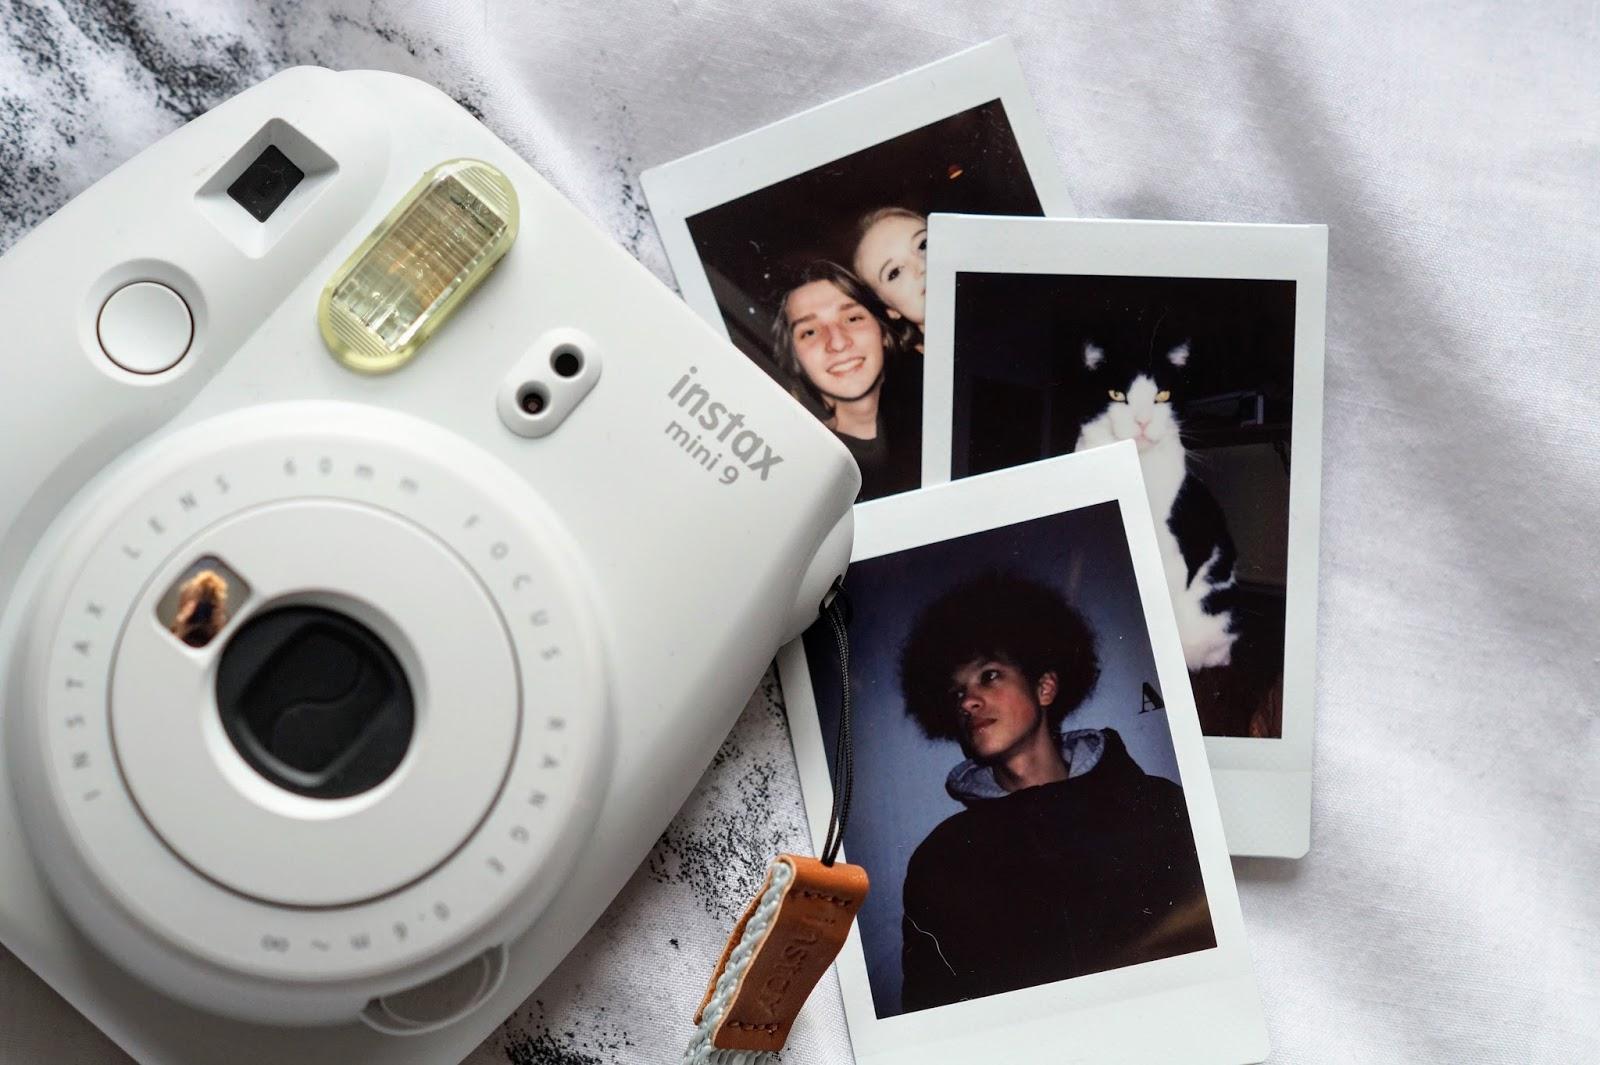 instax mini 9 camera with photos